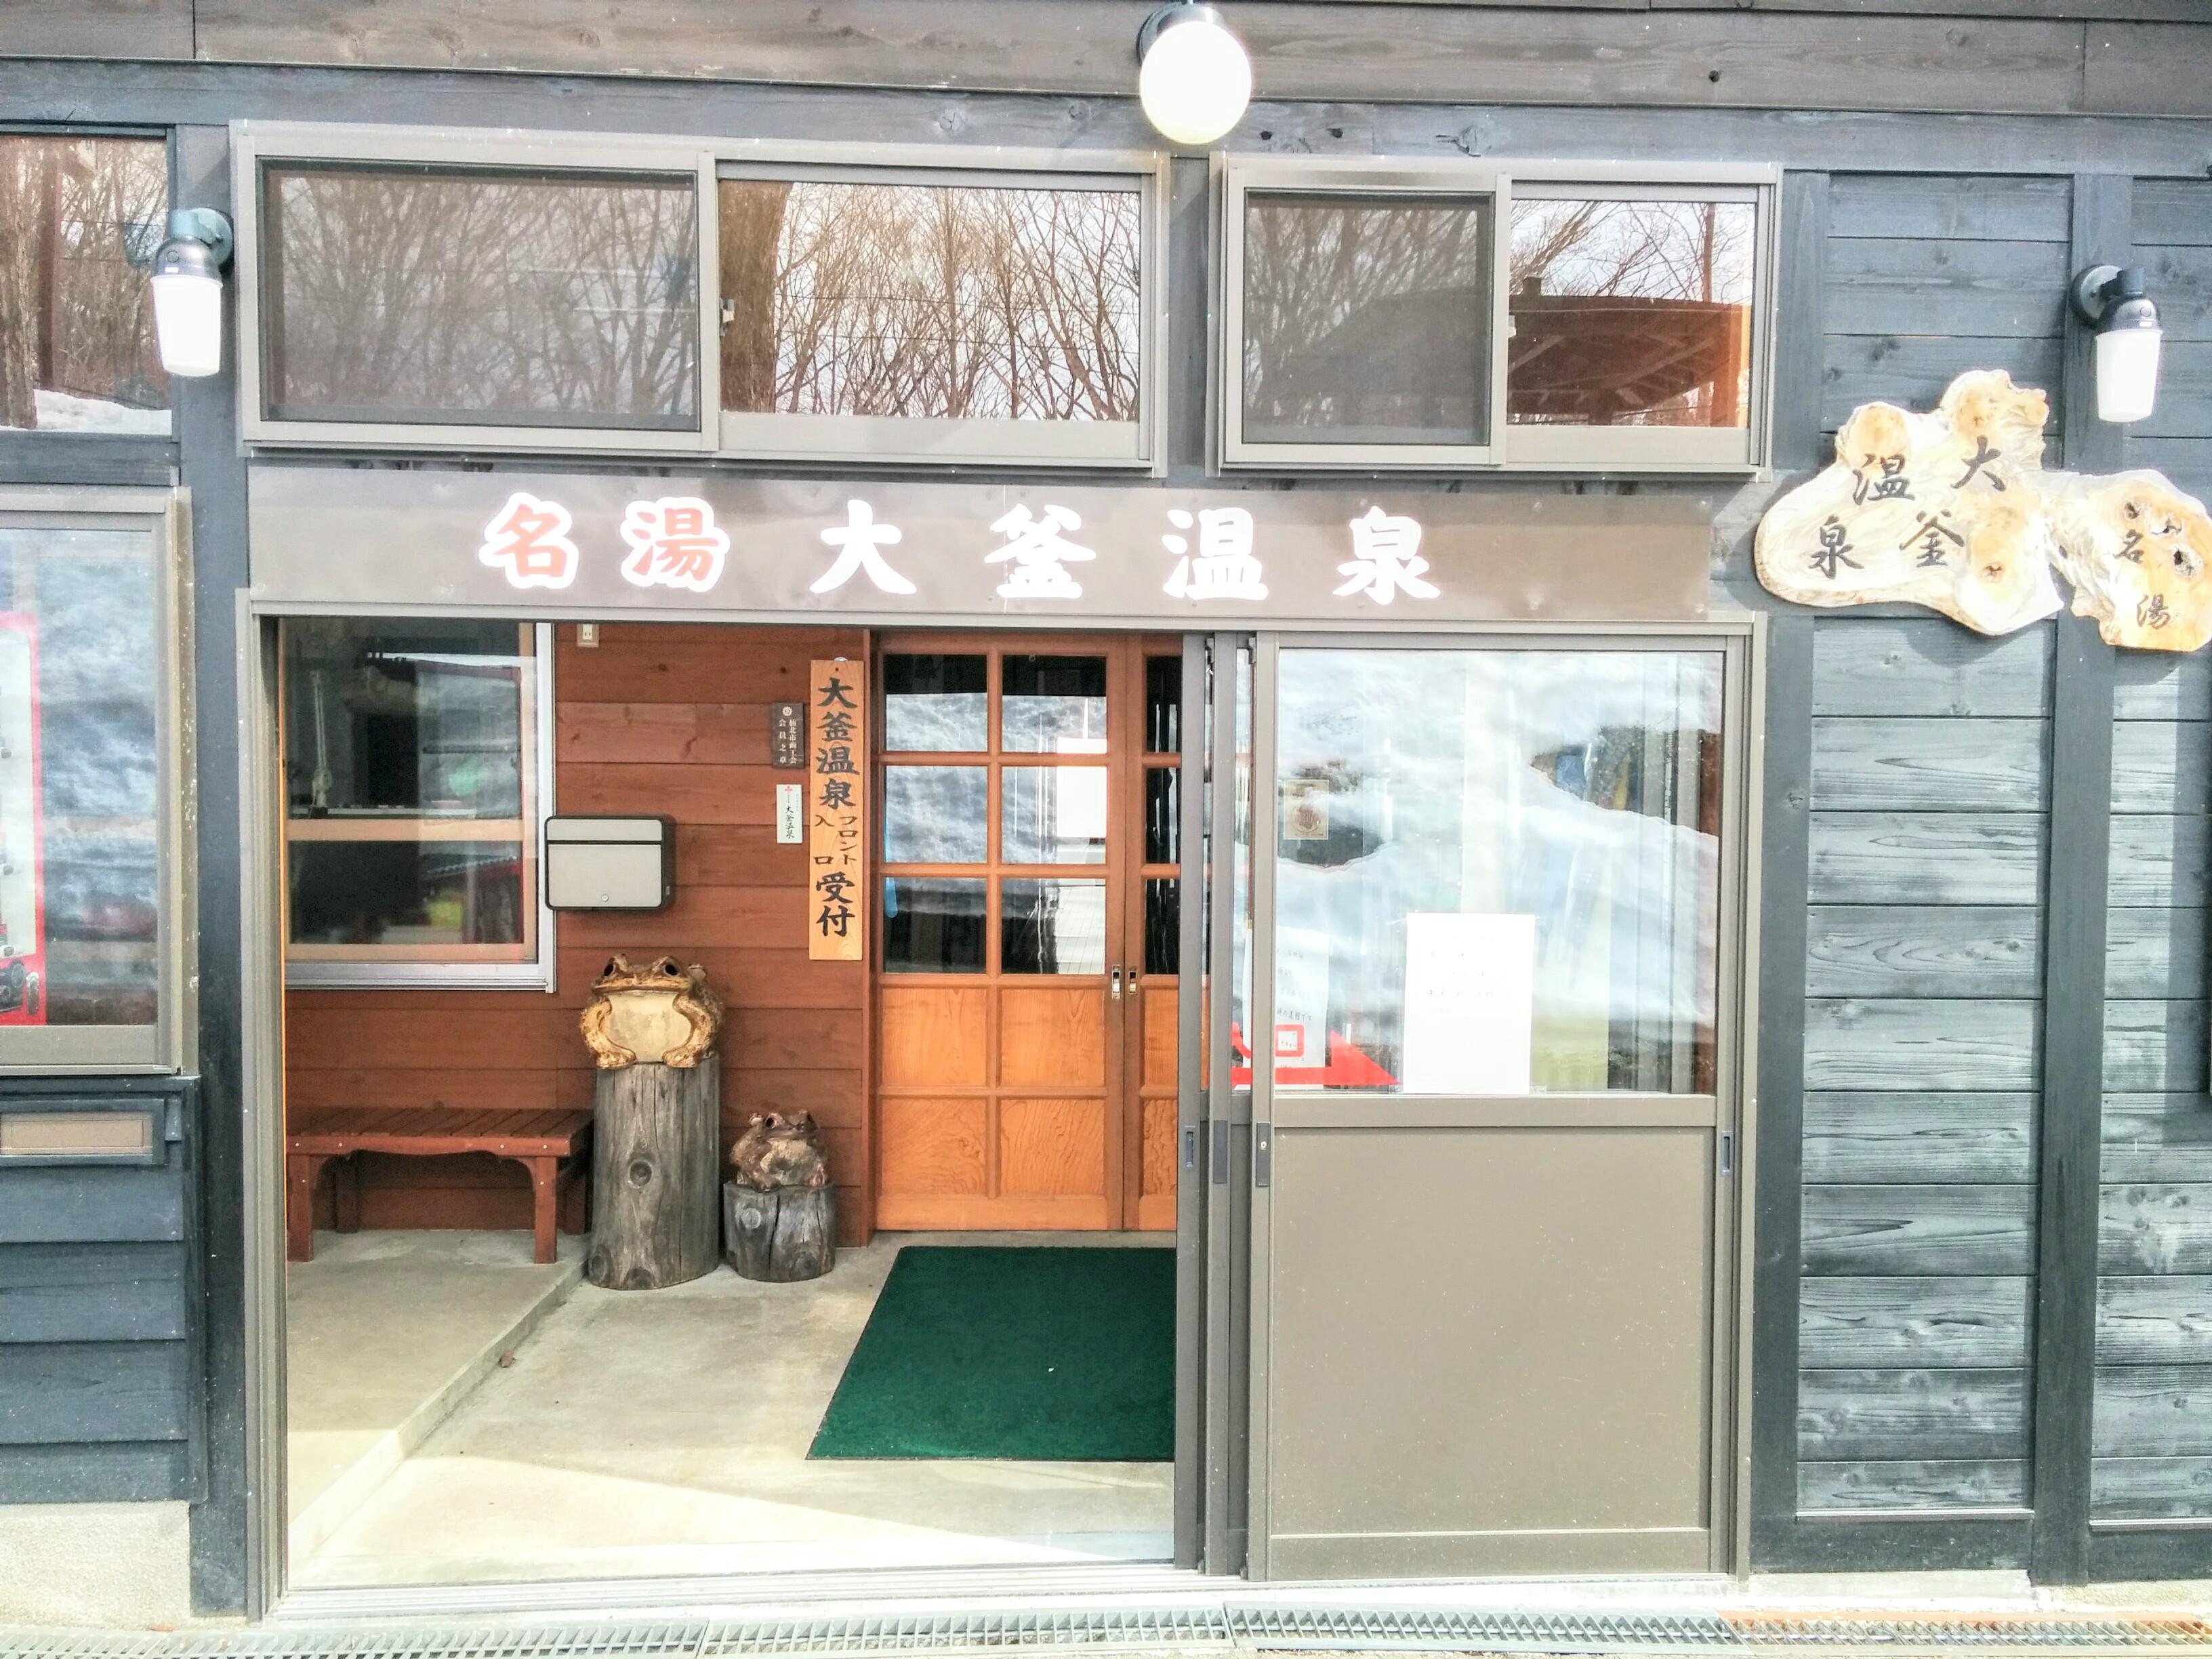 【秋田県】乳頭温泉郷・大釜温泉観光案内です。